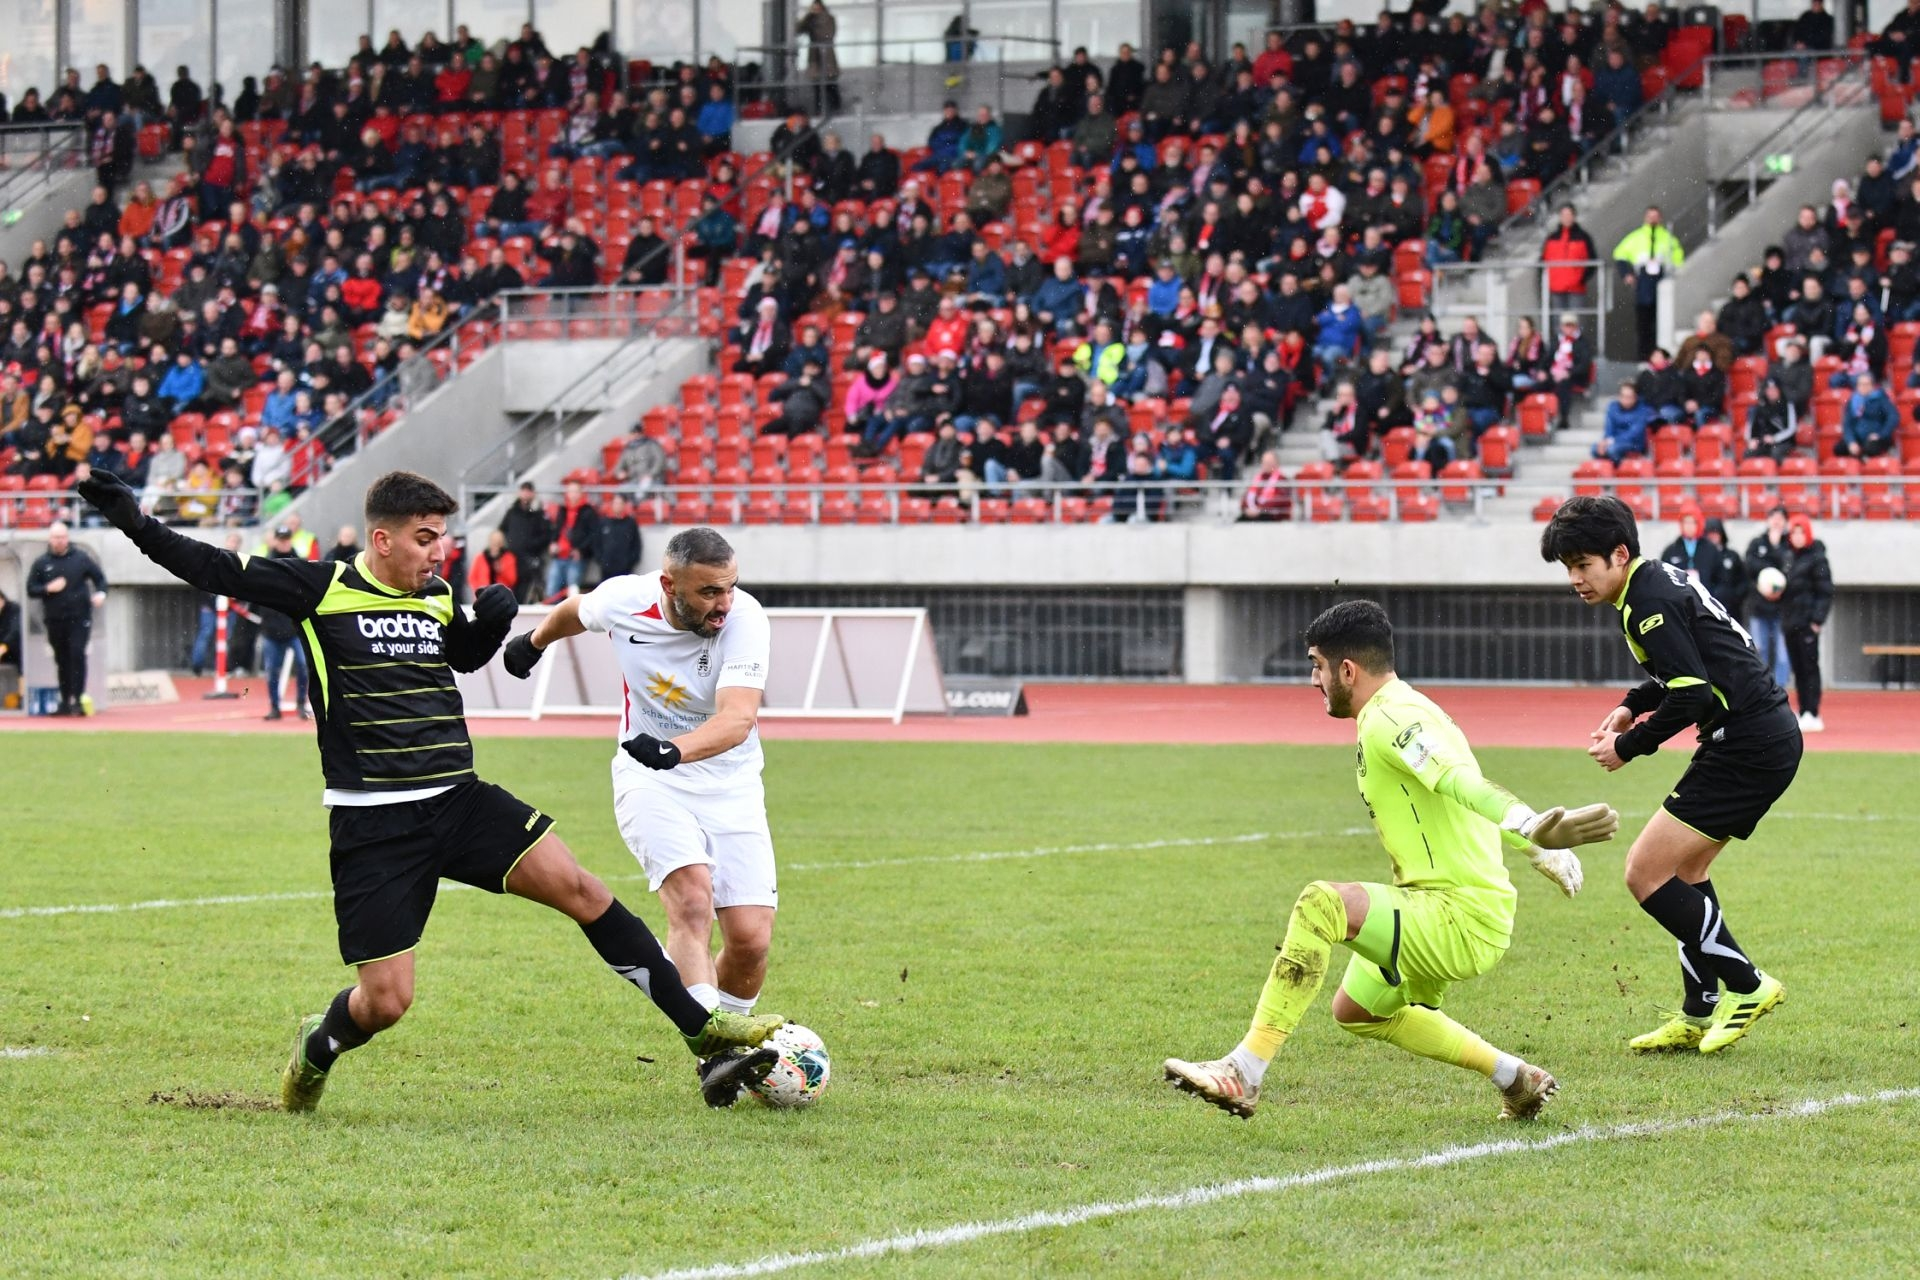 Lotto Hessenliga 2019/2020, KSV Hessen Kassel, FV Bad Vilbel, Endstand 6:1, Mahir Saglik (KSV Hessen Kassel)